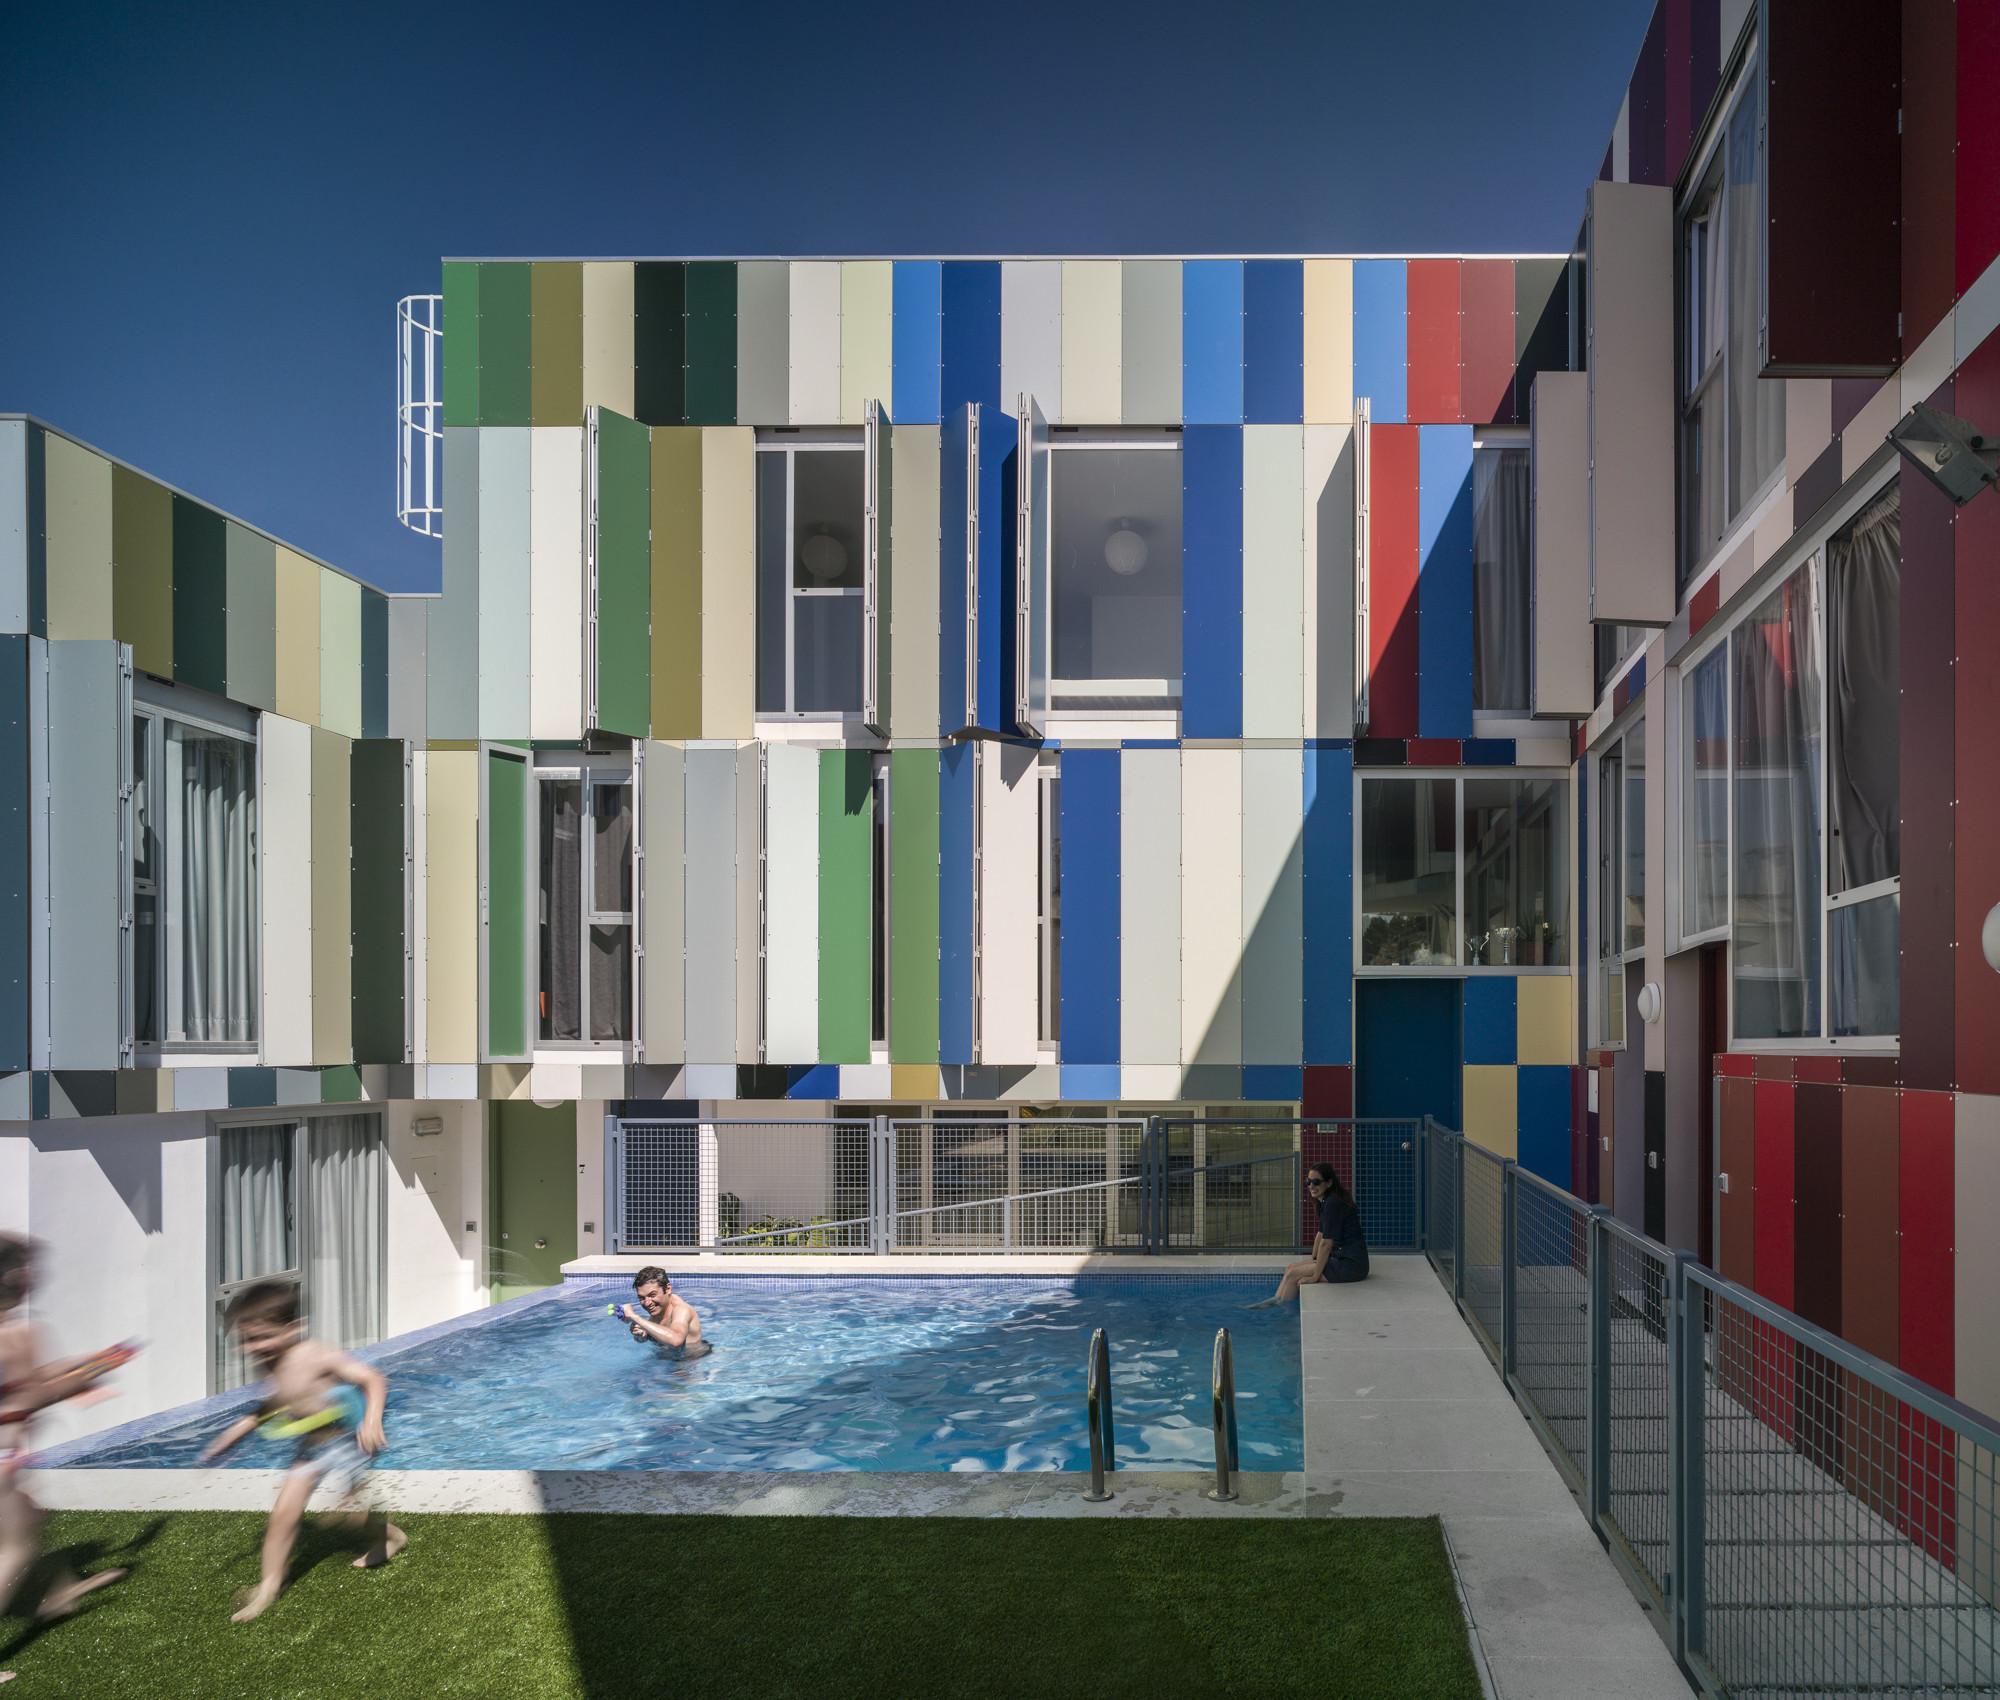 12 viviendas en Jaen / bRijUNi Architects, © Jesús Granada